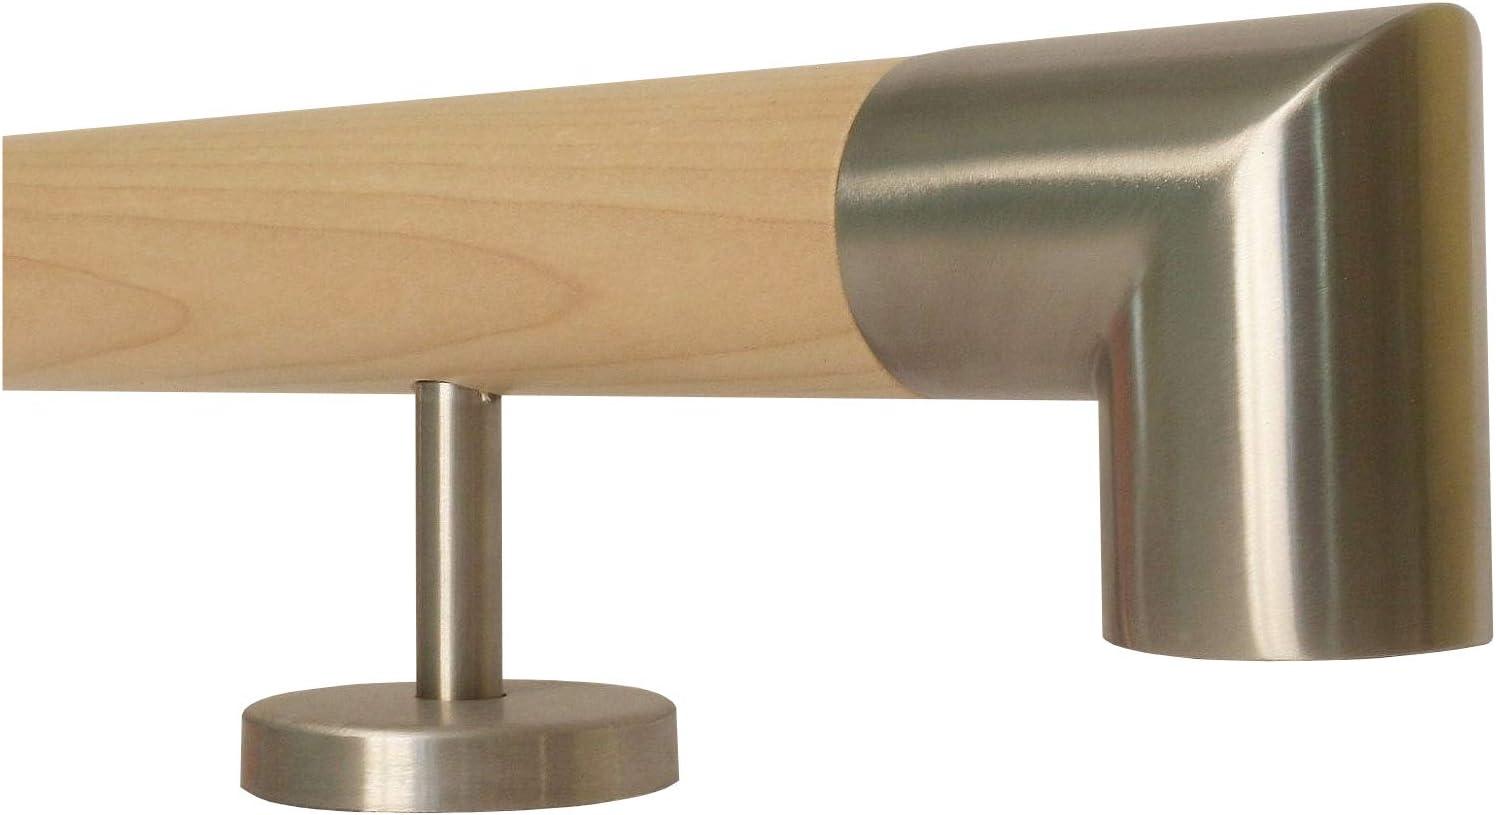 Ahorn Holz Treppe Handlauf Gel/änder Griff gerade Edelstahlhalter 100 cm mit 2 Halter schr/äges Edelstahlendst/ück L/änge 30-500 cm aus einem St/ück//Beispiel